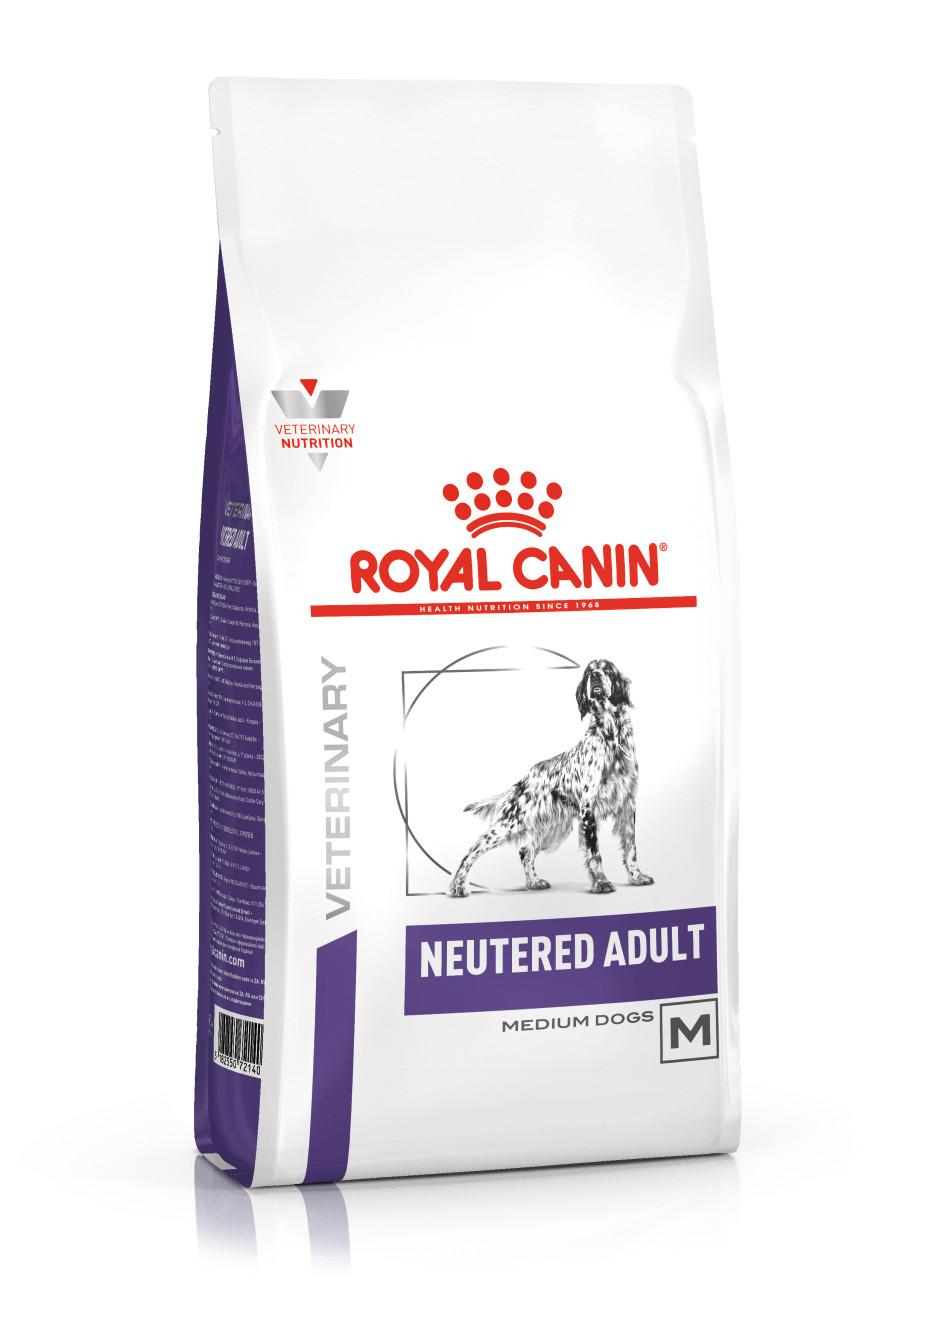 Royal Canin Veterinary Neutered Adult Medium Dogs hondenvoer